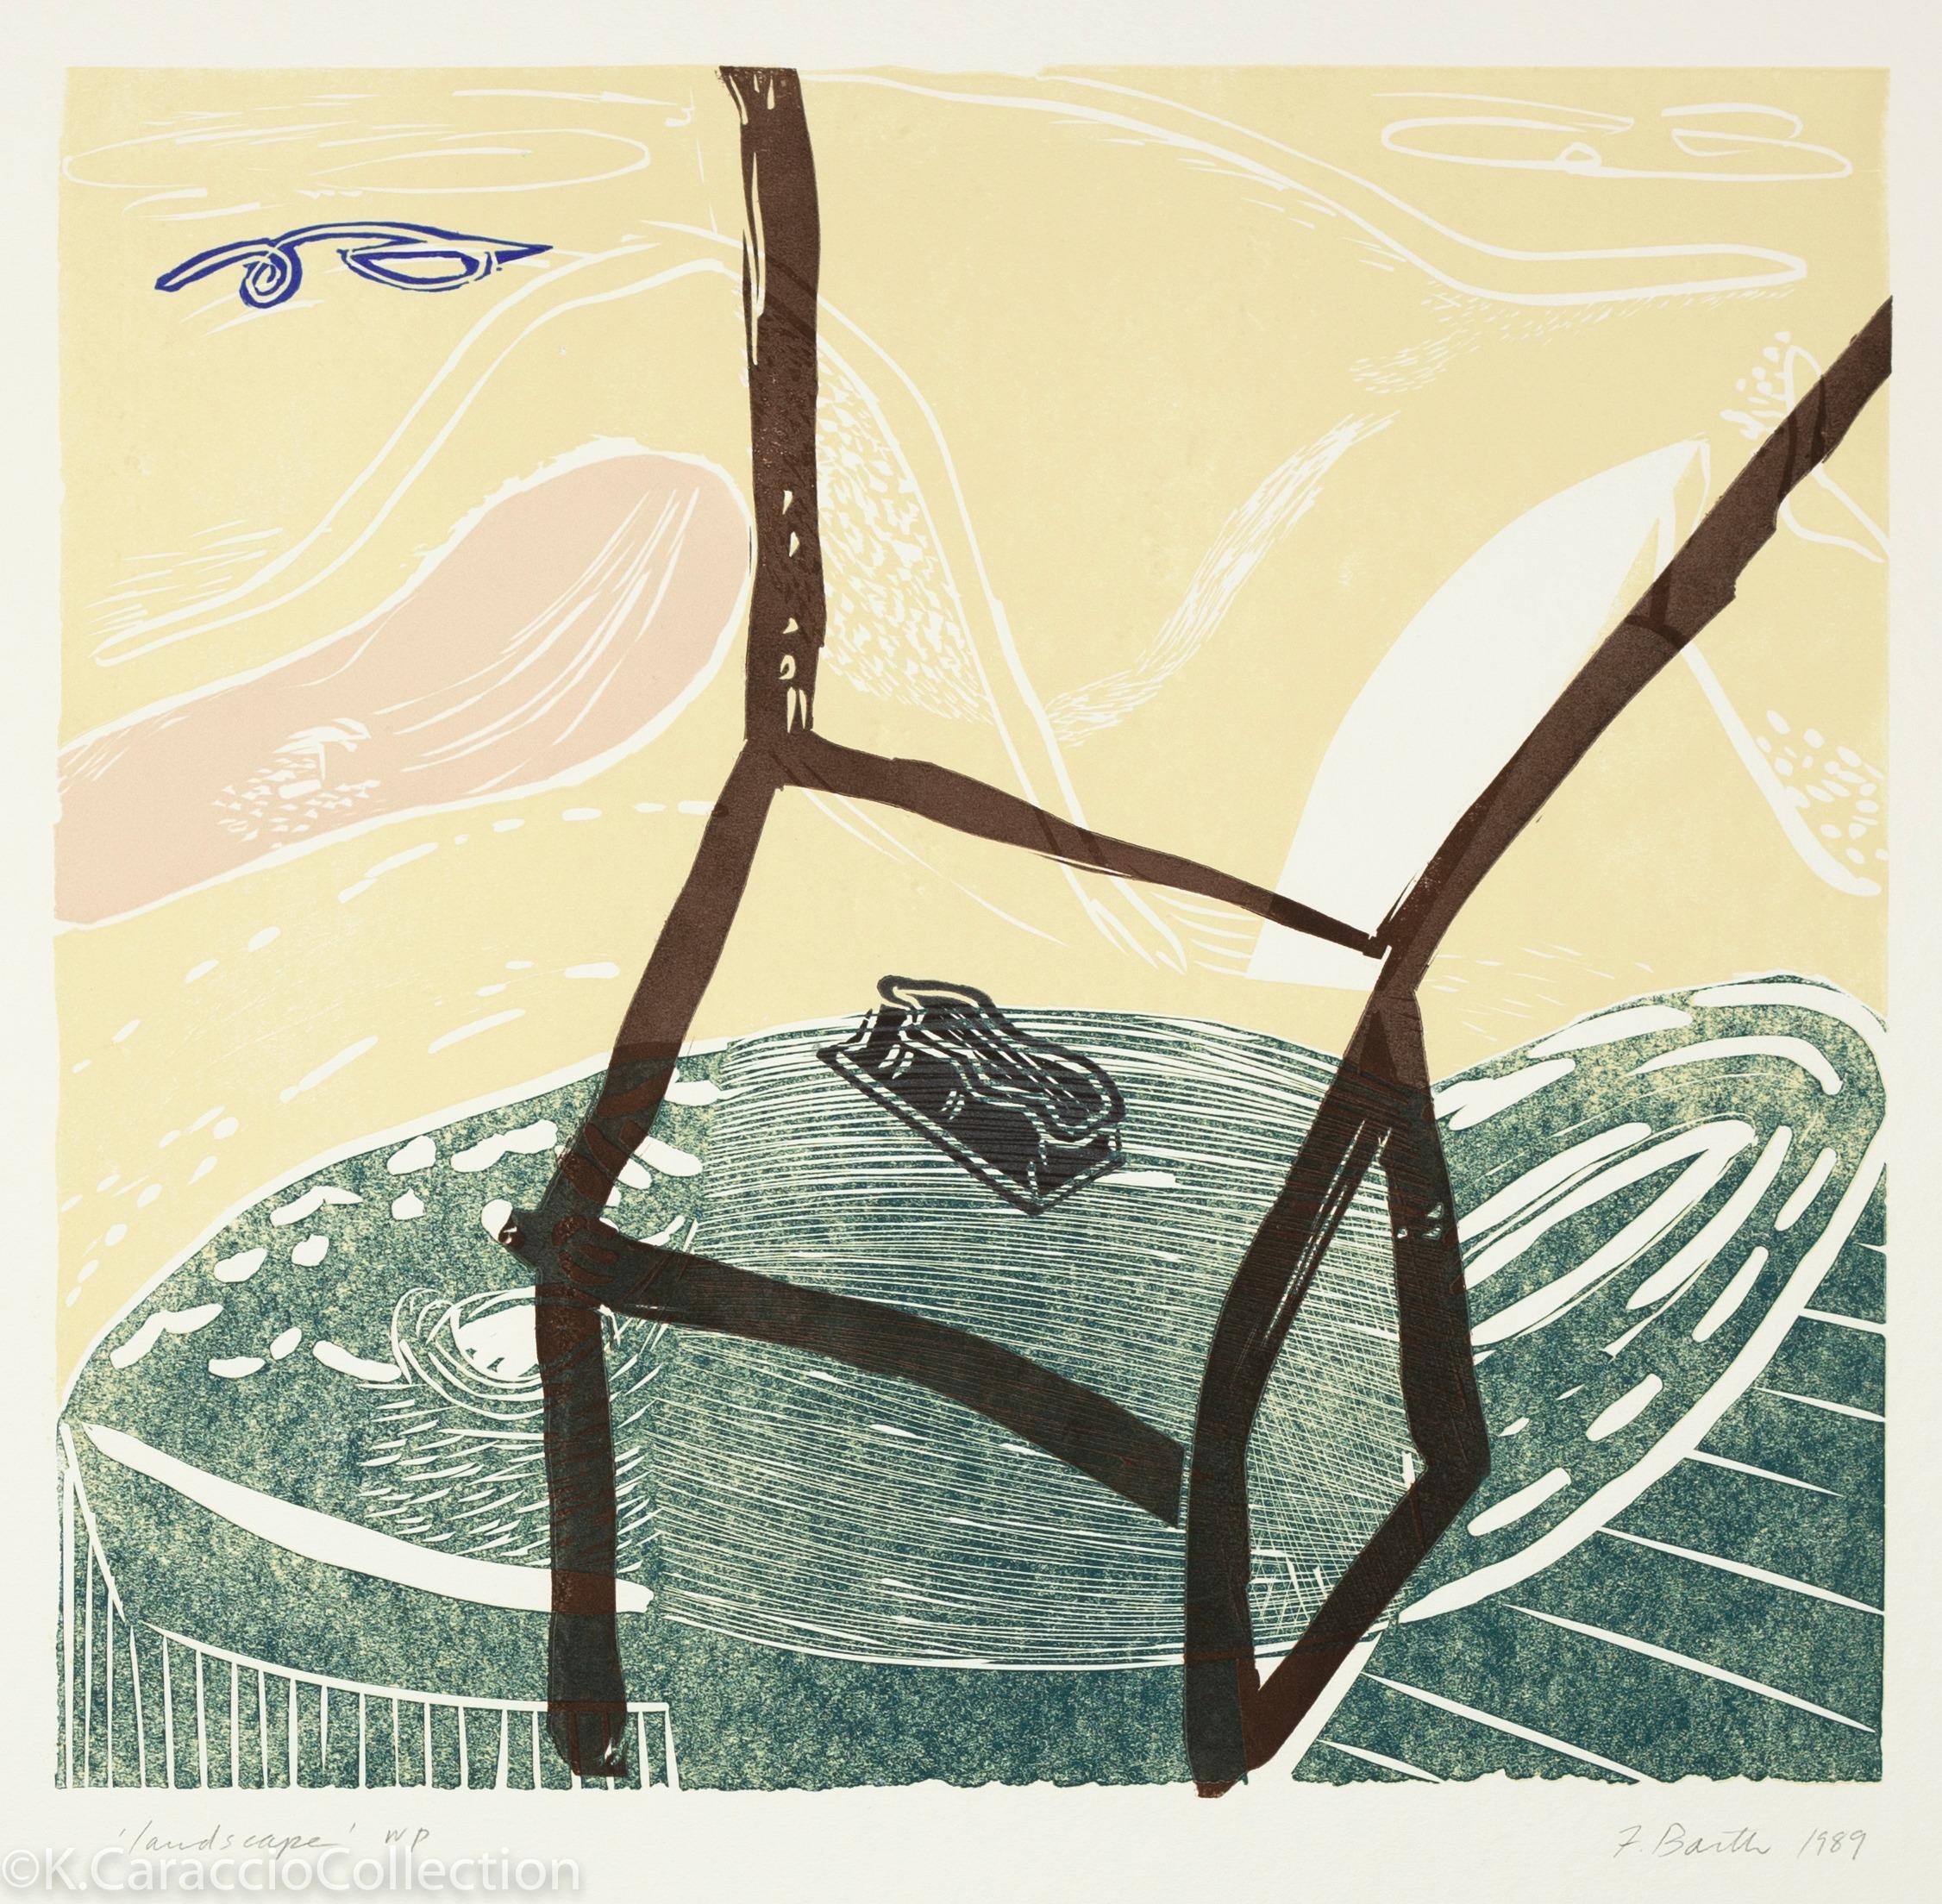 'Landscape', 1989